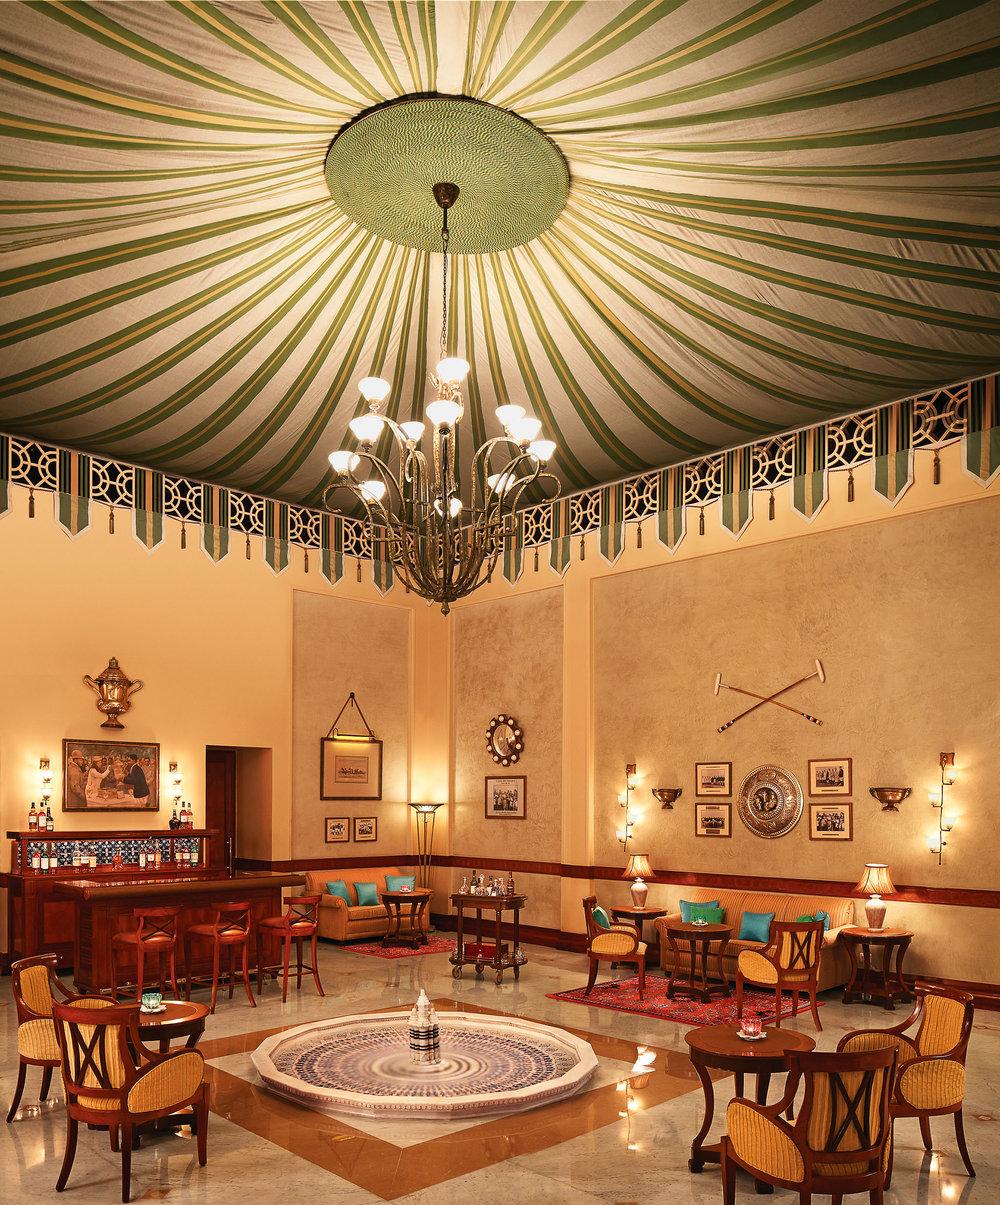 倫巴宮殿酒店內的「馬球酒吧」,這裏的服務生會很願意與您分享印度馬球隊的傳奇故事。Photo courtesy of Taj Hotels Resort and Palaces